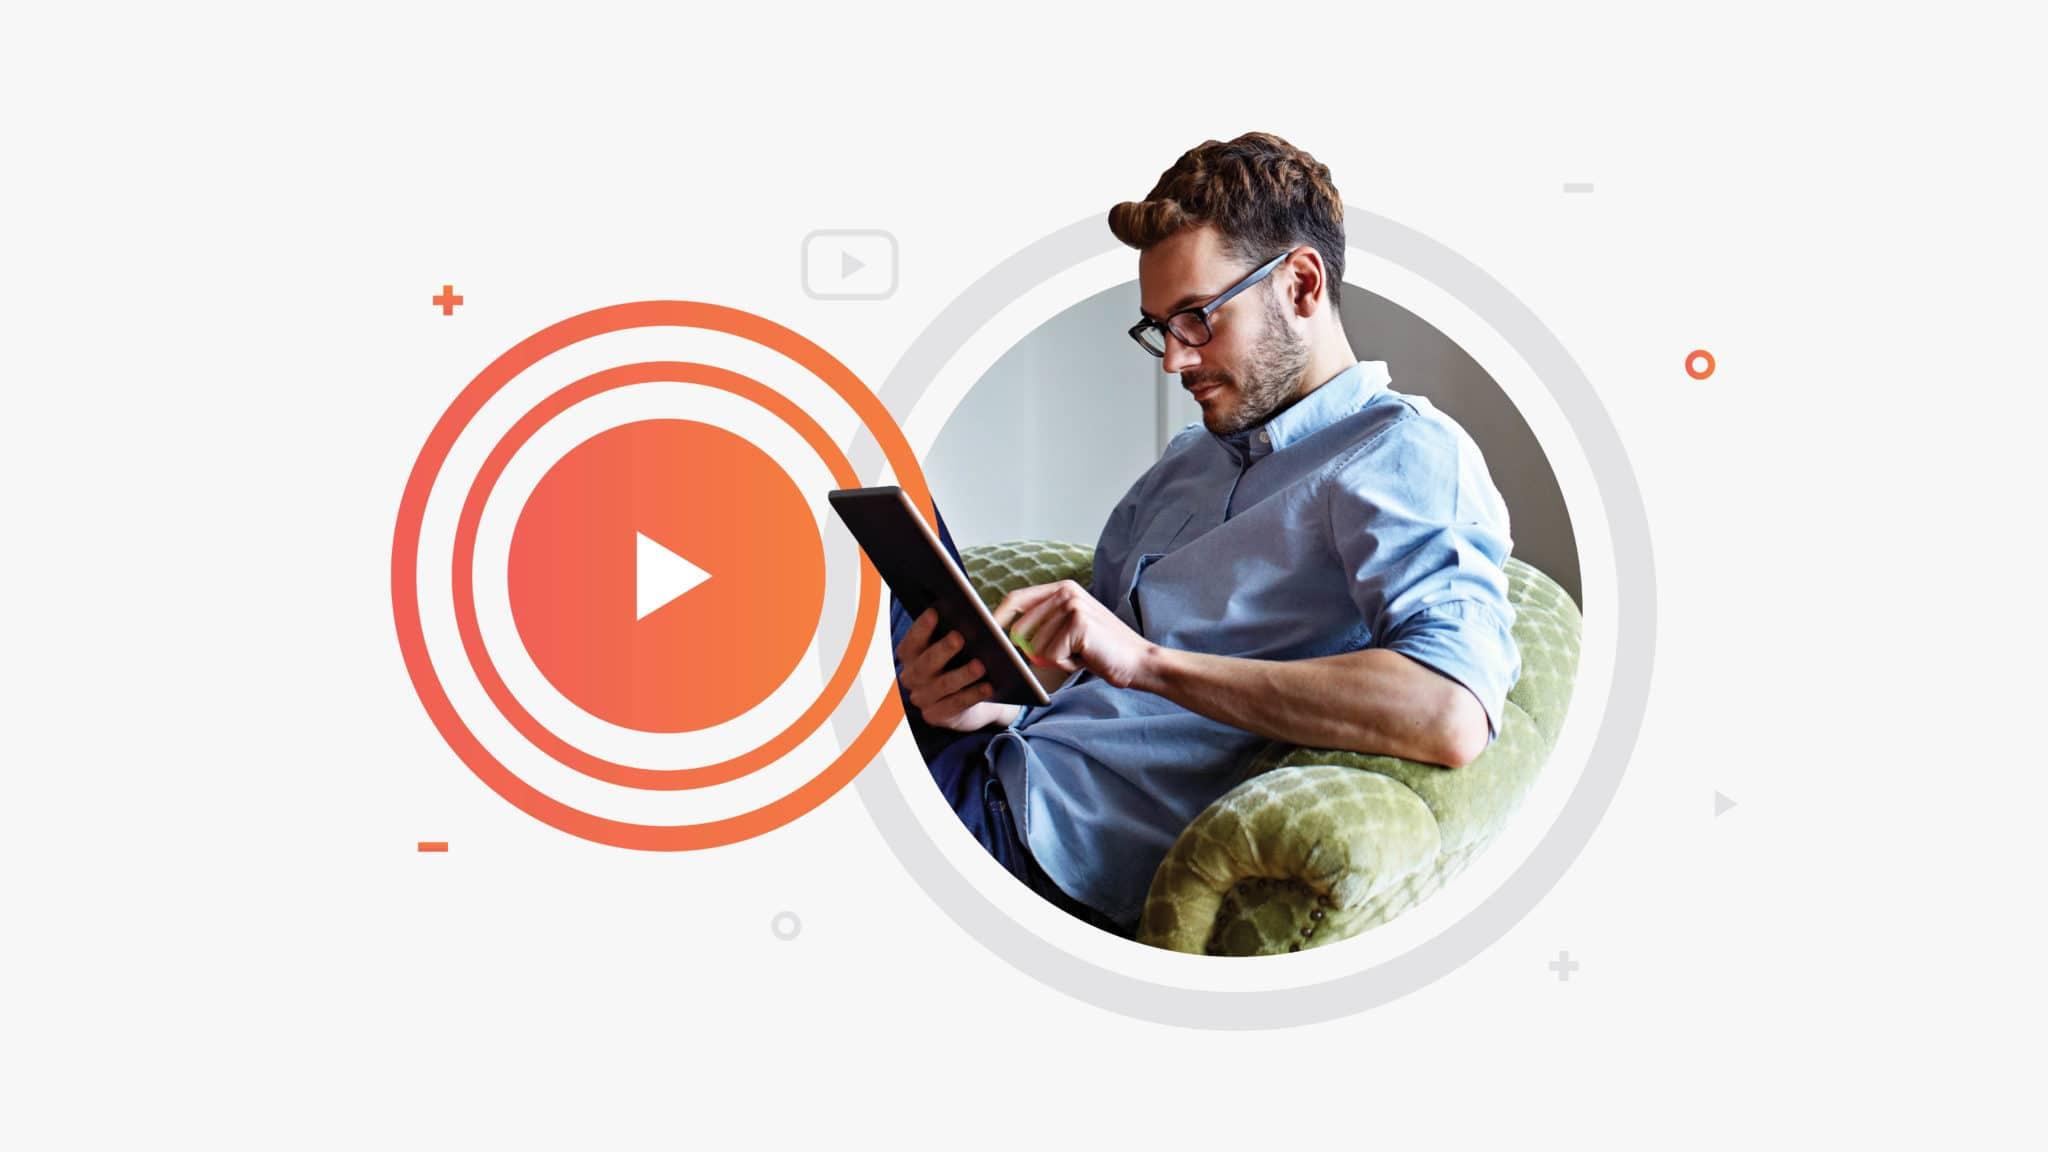 Video Retargeting